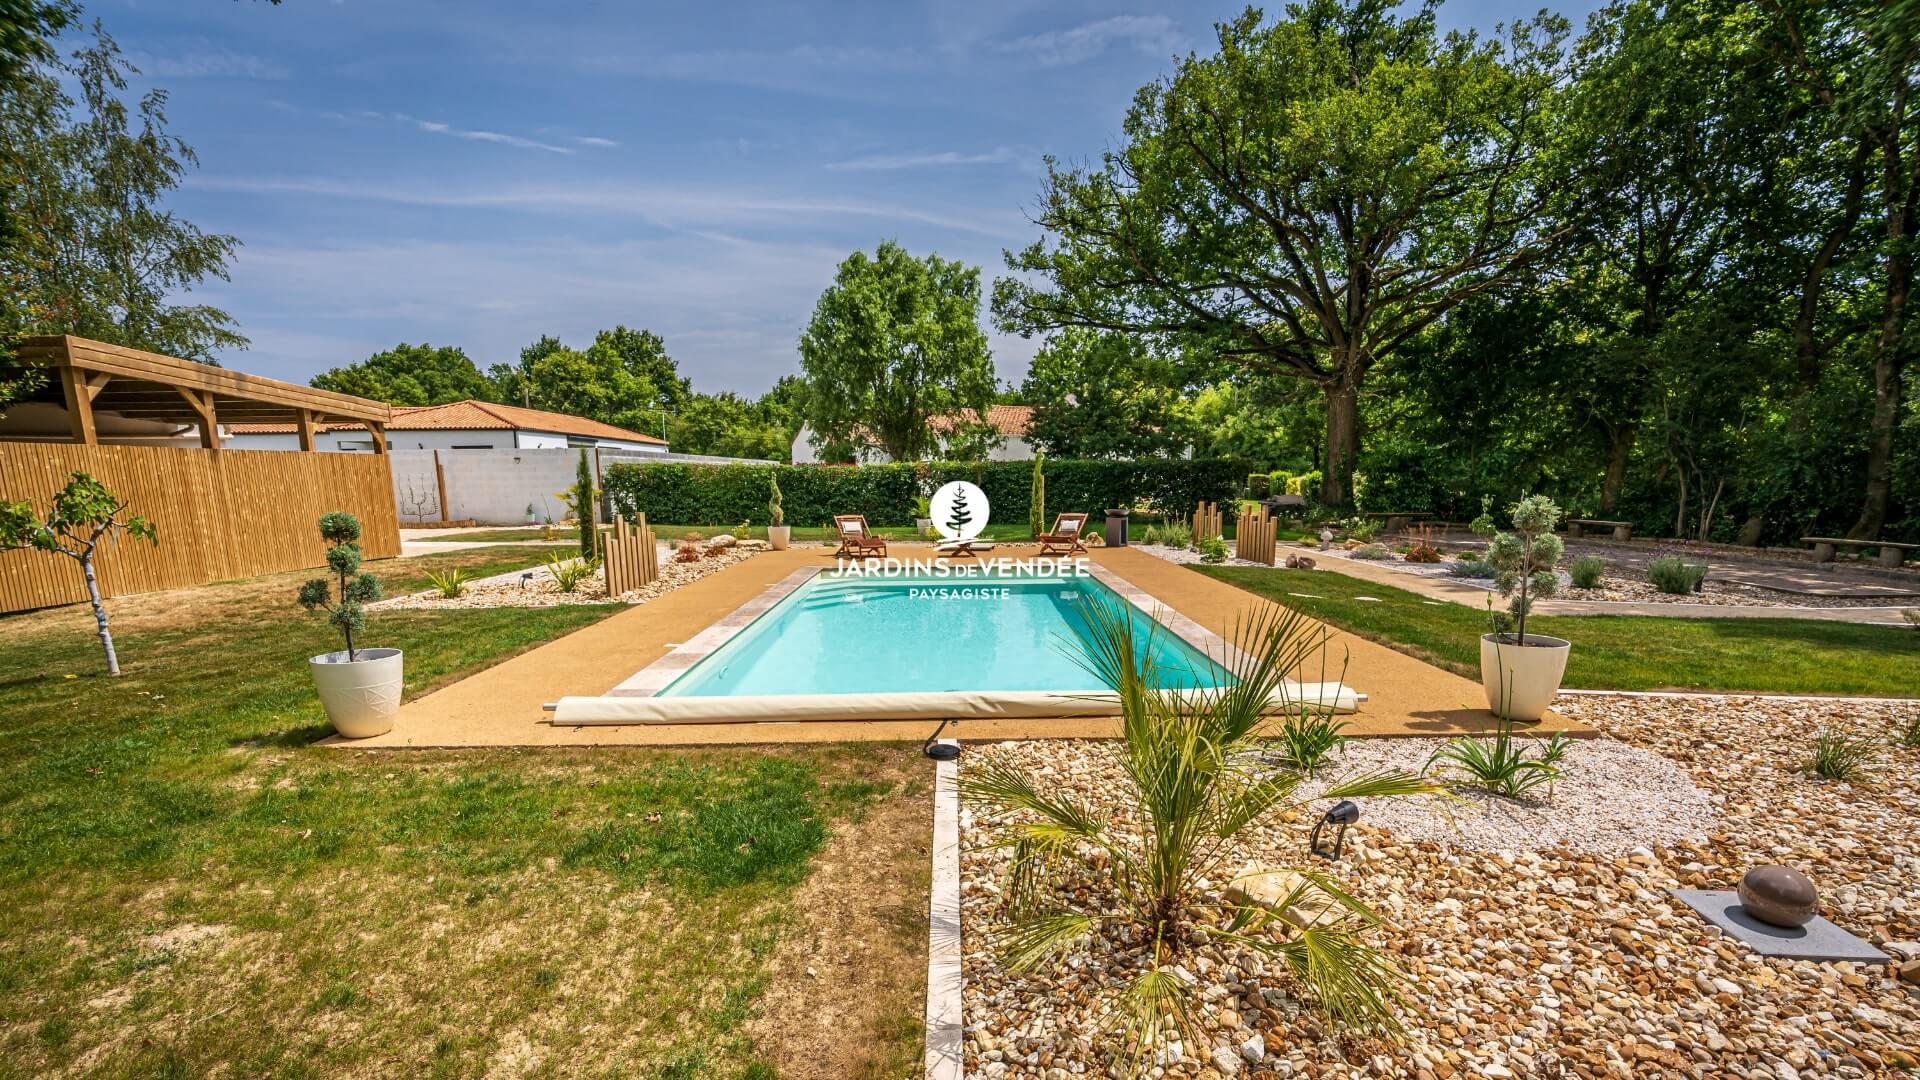 jardins-de-vendee-realisations-piscines-bassins(20)